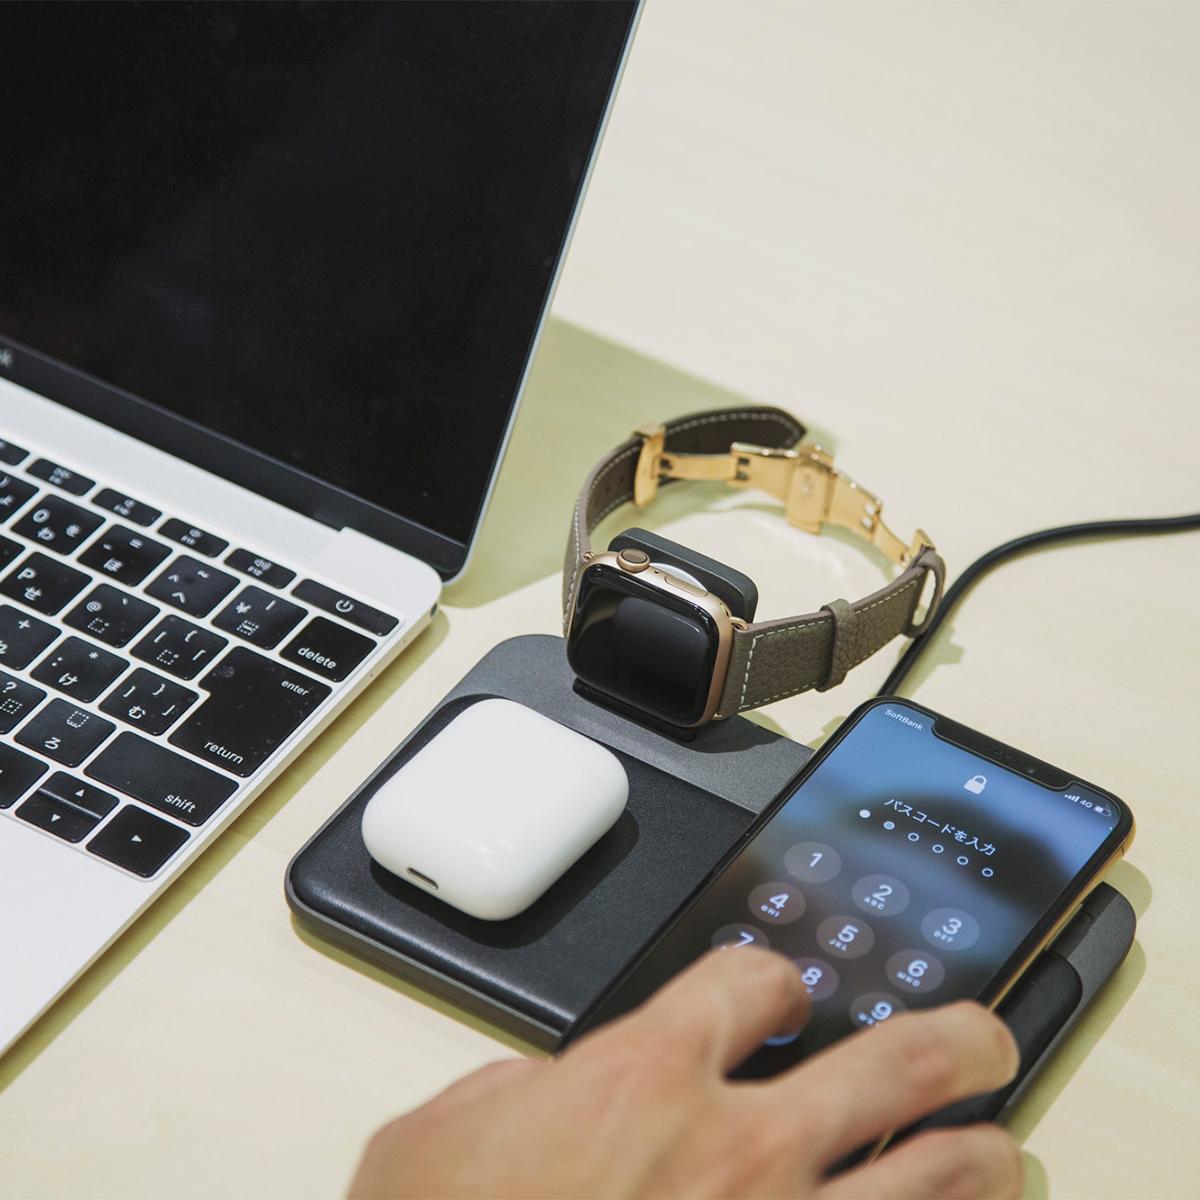 最高品質のレザーバンドを着せ替えできる贅沢も楽しめる、アクティブな腕元を洗練する、ワンタッチ着脱の「Apple Watchバンド」|EPONAS(エポナス)